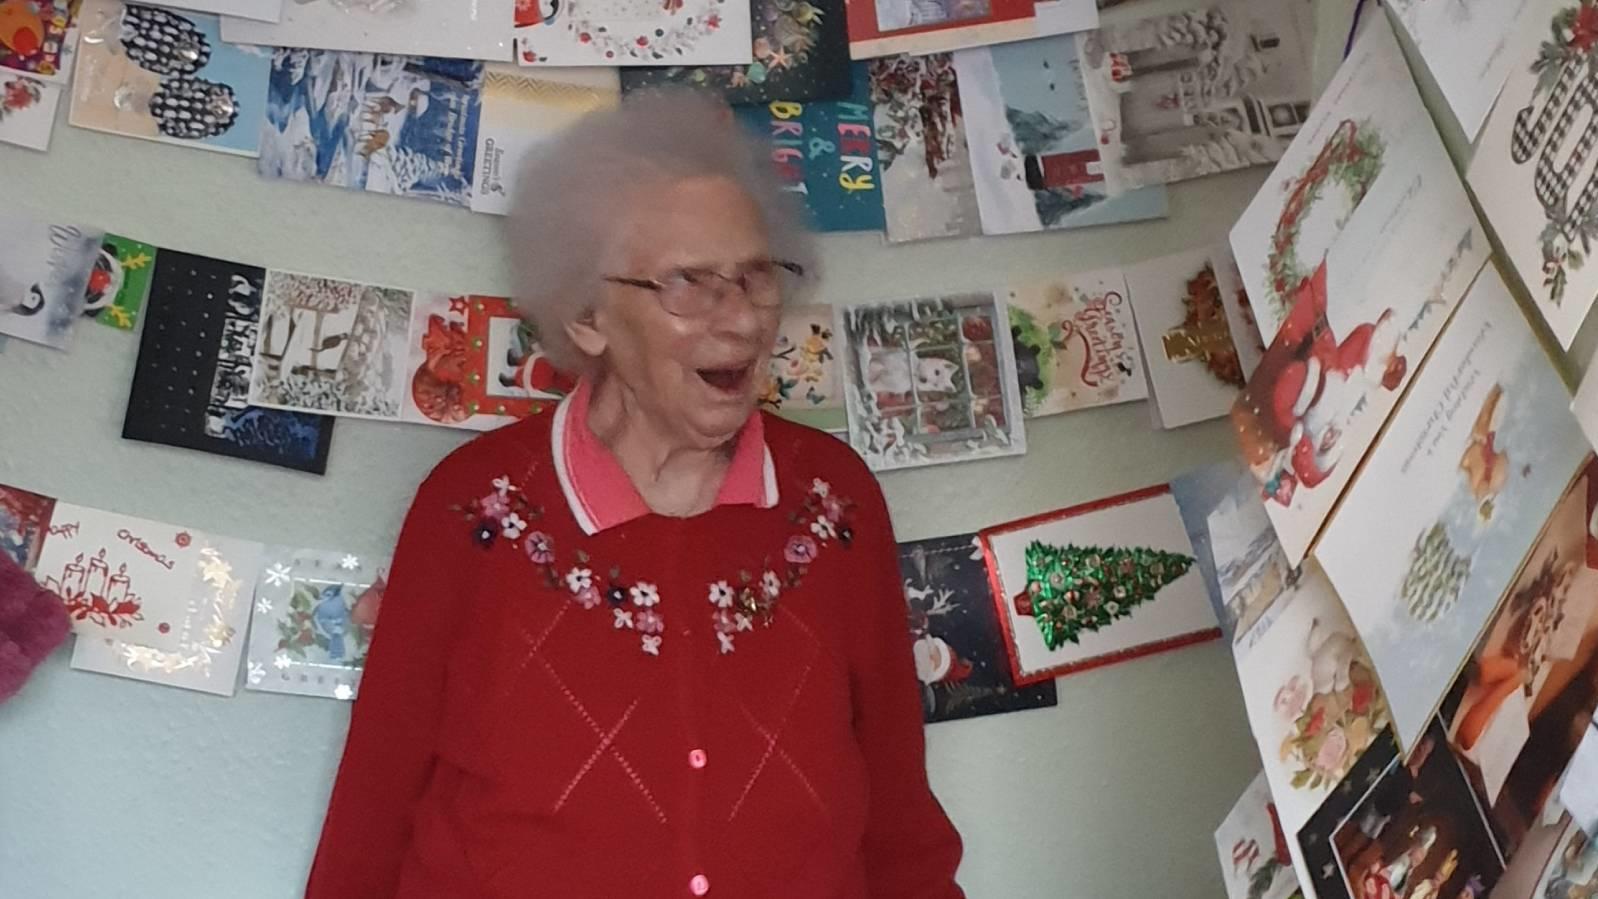 Übers ganze Gesicht strahlend freut Uroma Nancy sich über ihre Weihnachtspost.